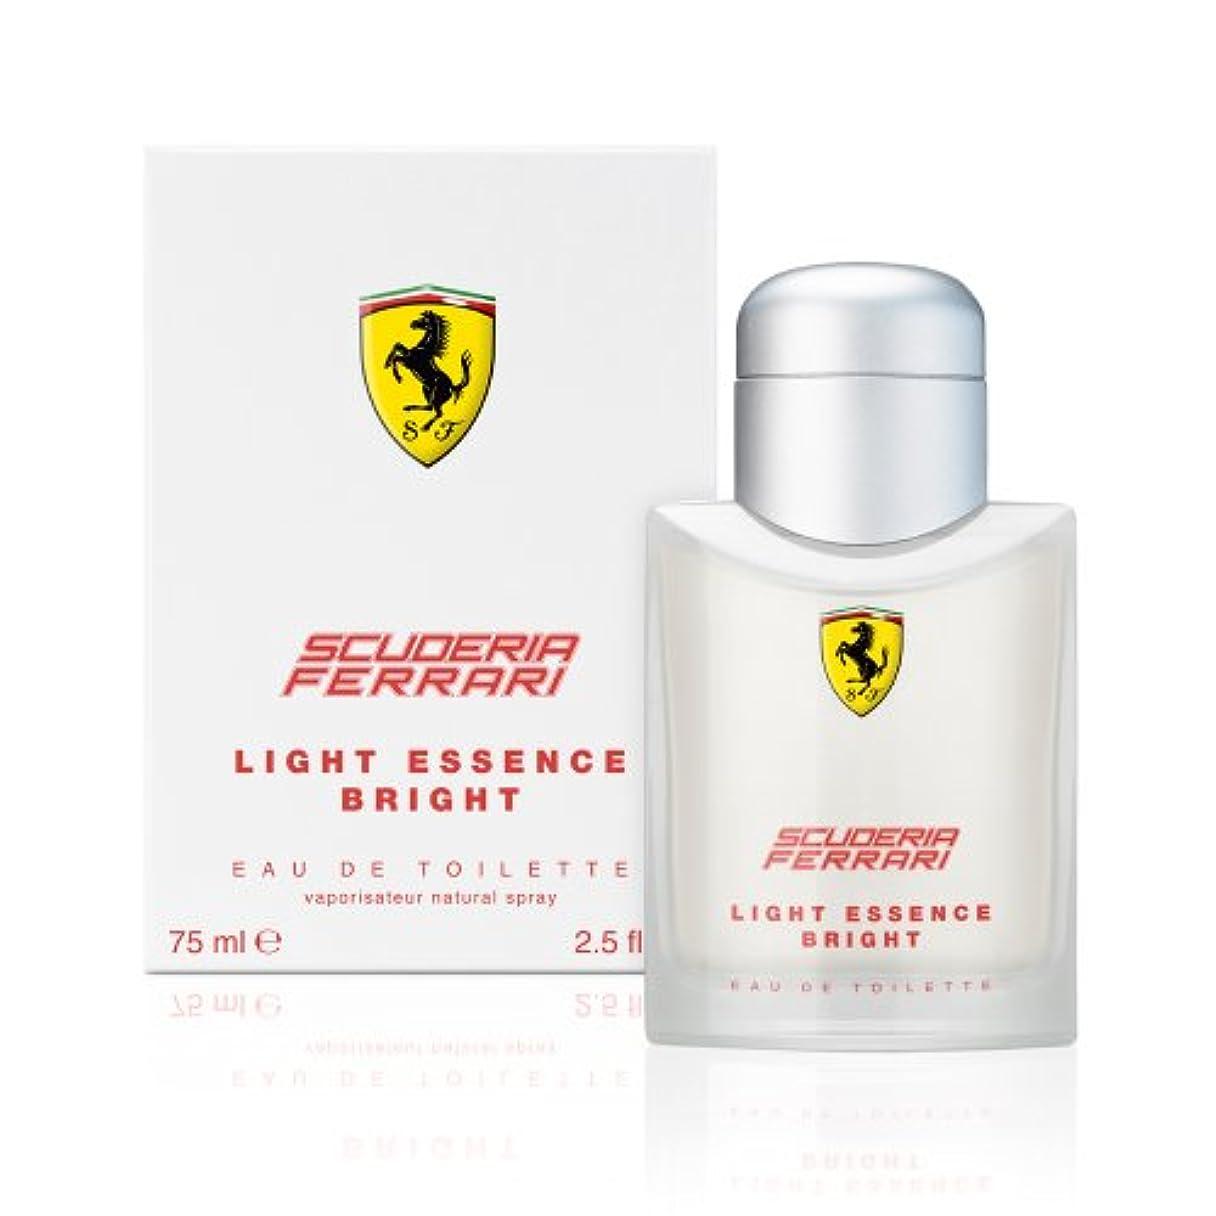 広げる化粧消費者フェラーリ ライトエッセンス ブライト オードトワレ 75mL